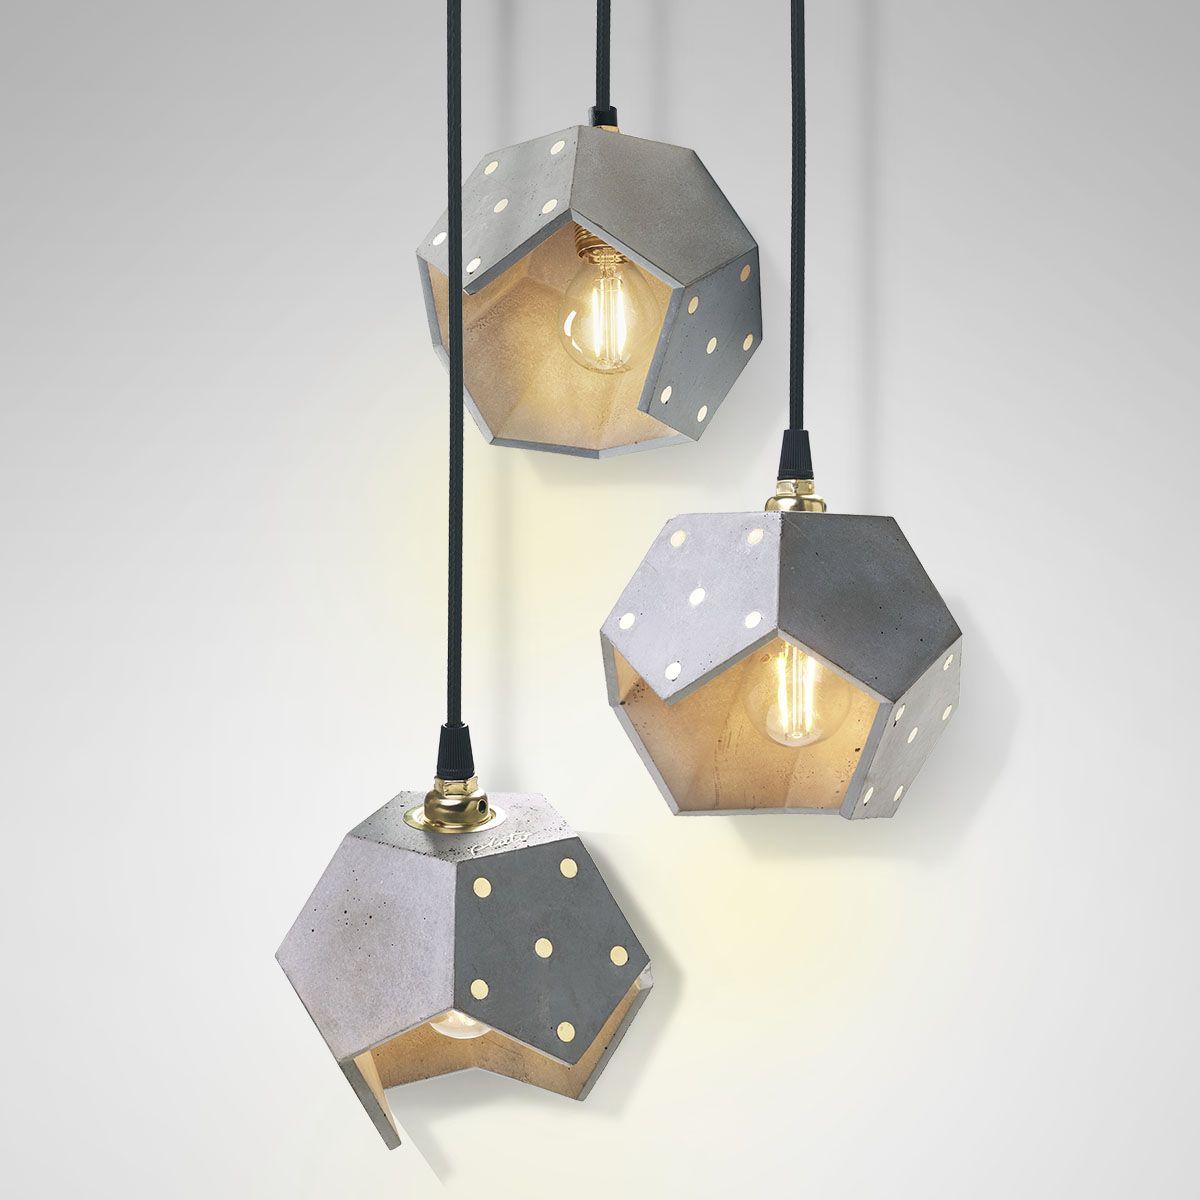 Lampadario cemento, lampada a sospensione, lampada cemento